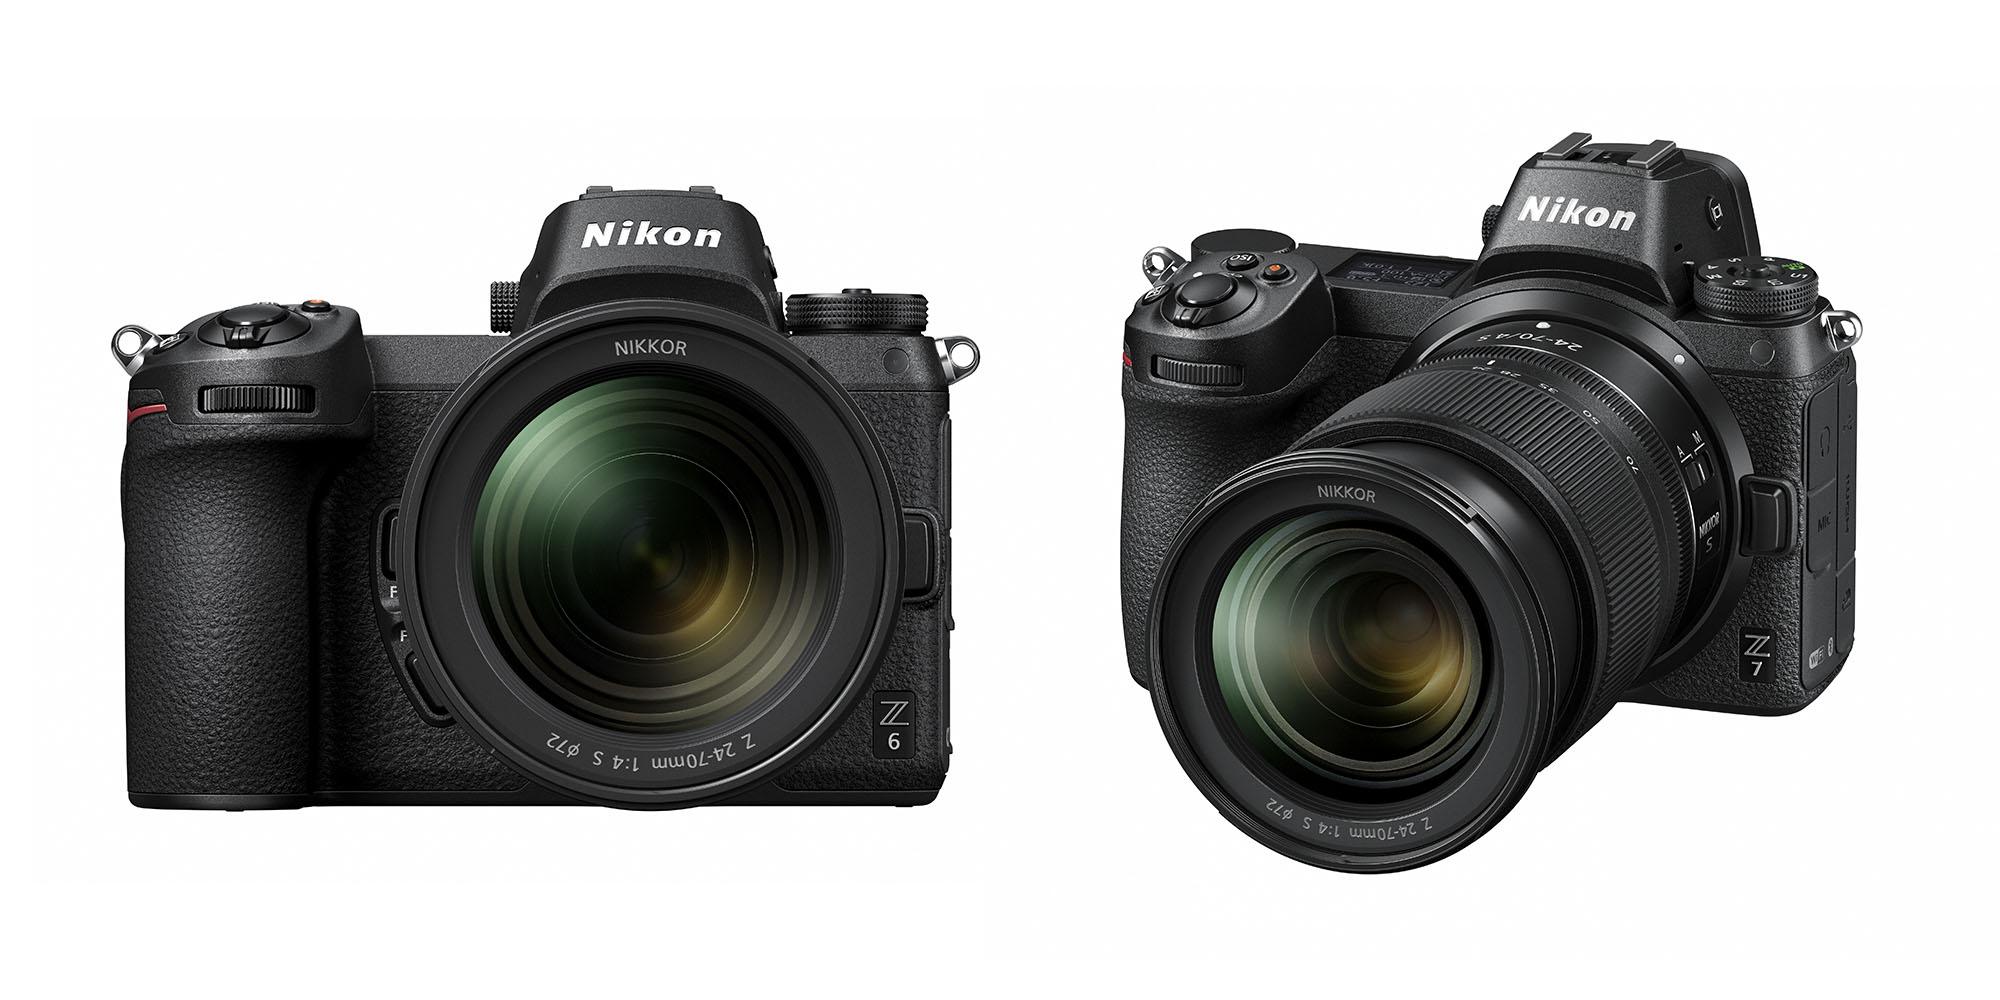 Nikon Z: Zwei Kameras und drei Objektive fürs spiegellose Vollformat ...